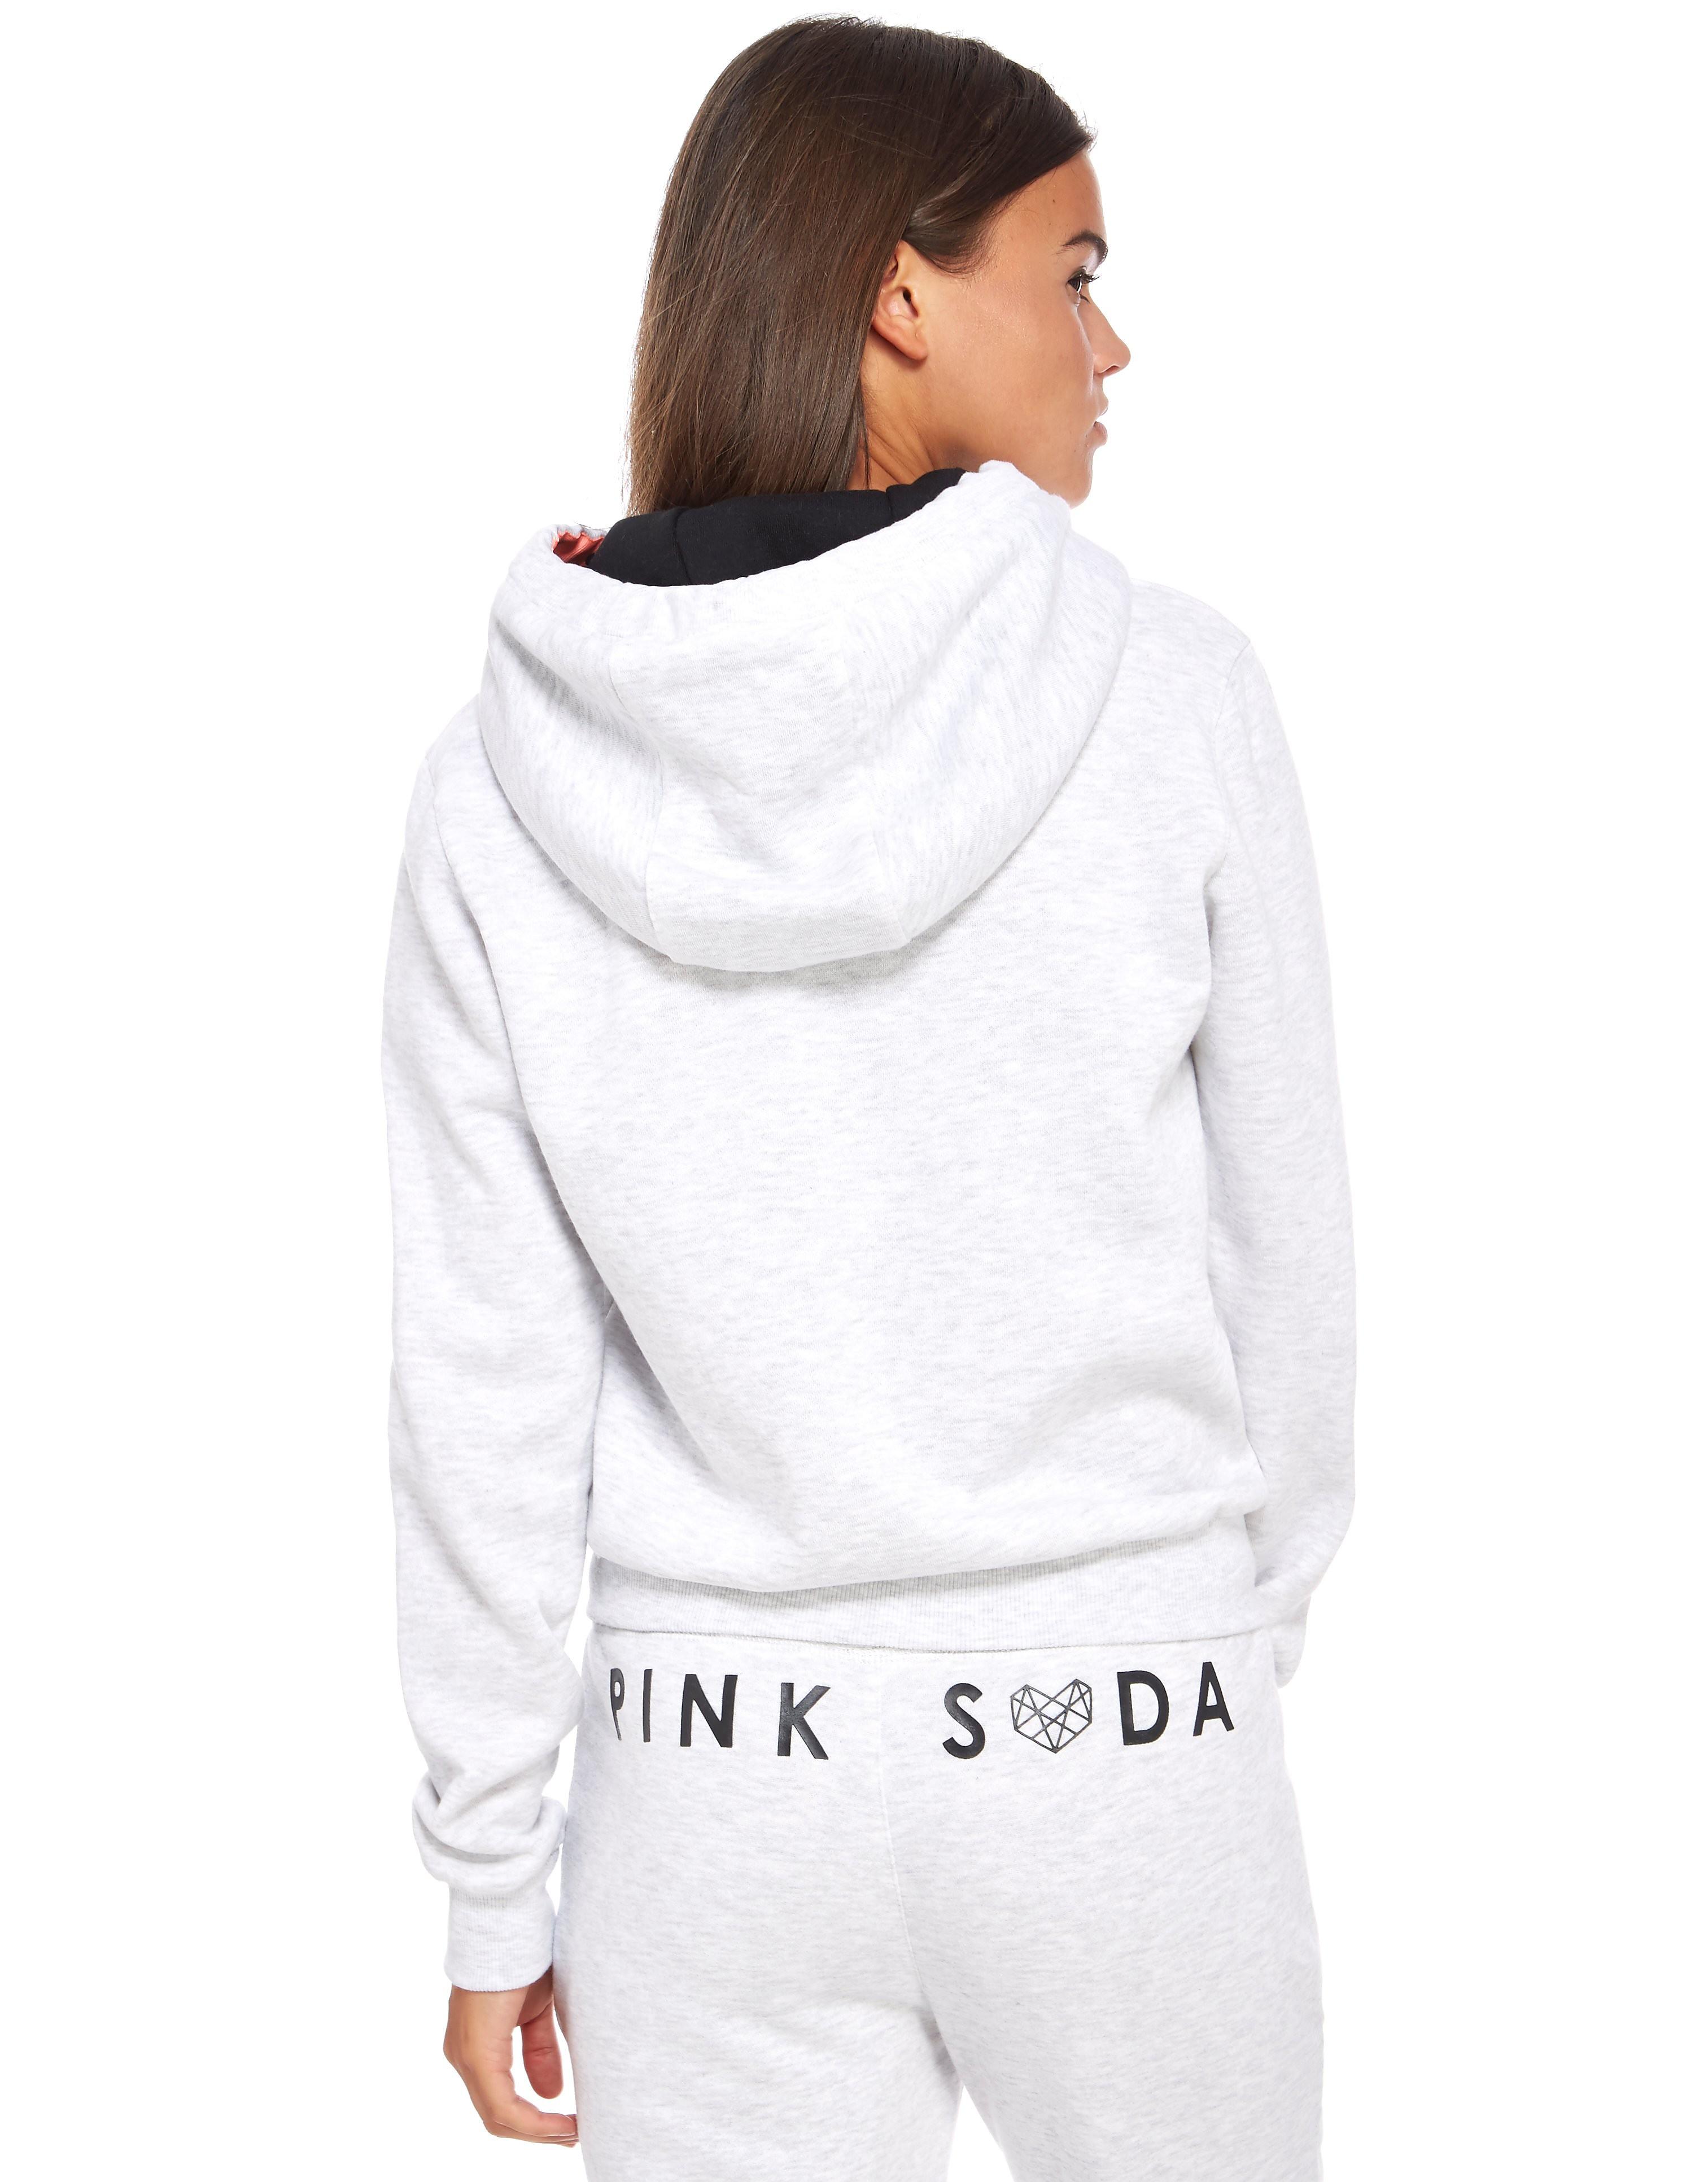 Pink Soda Sport Heart Zip Through Hoody